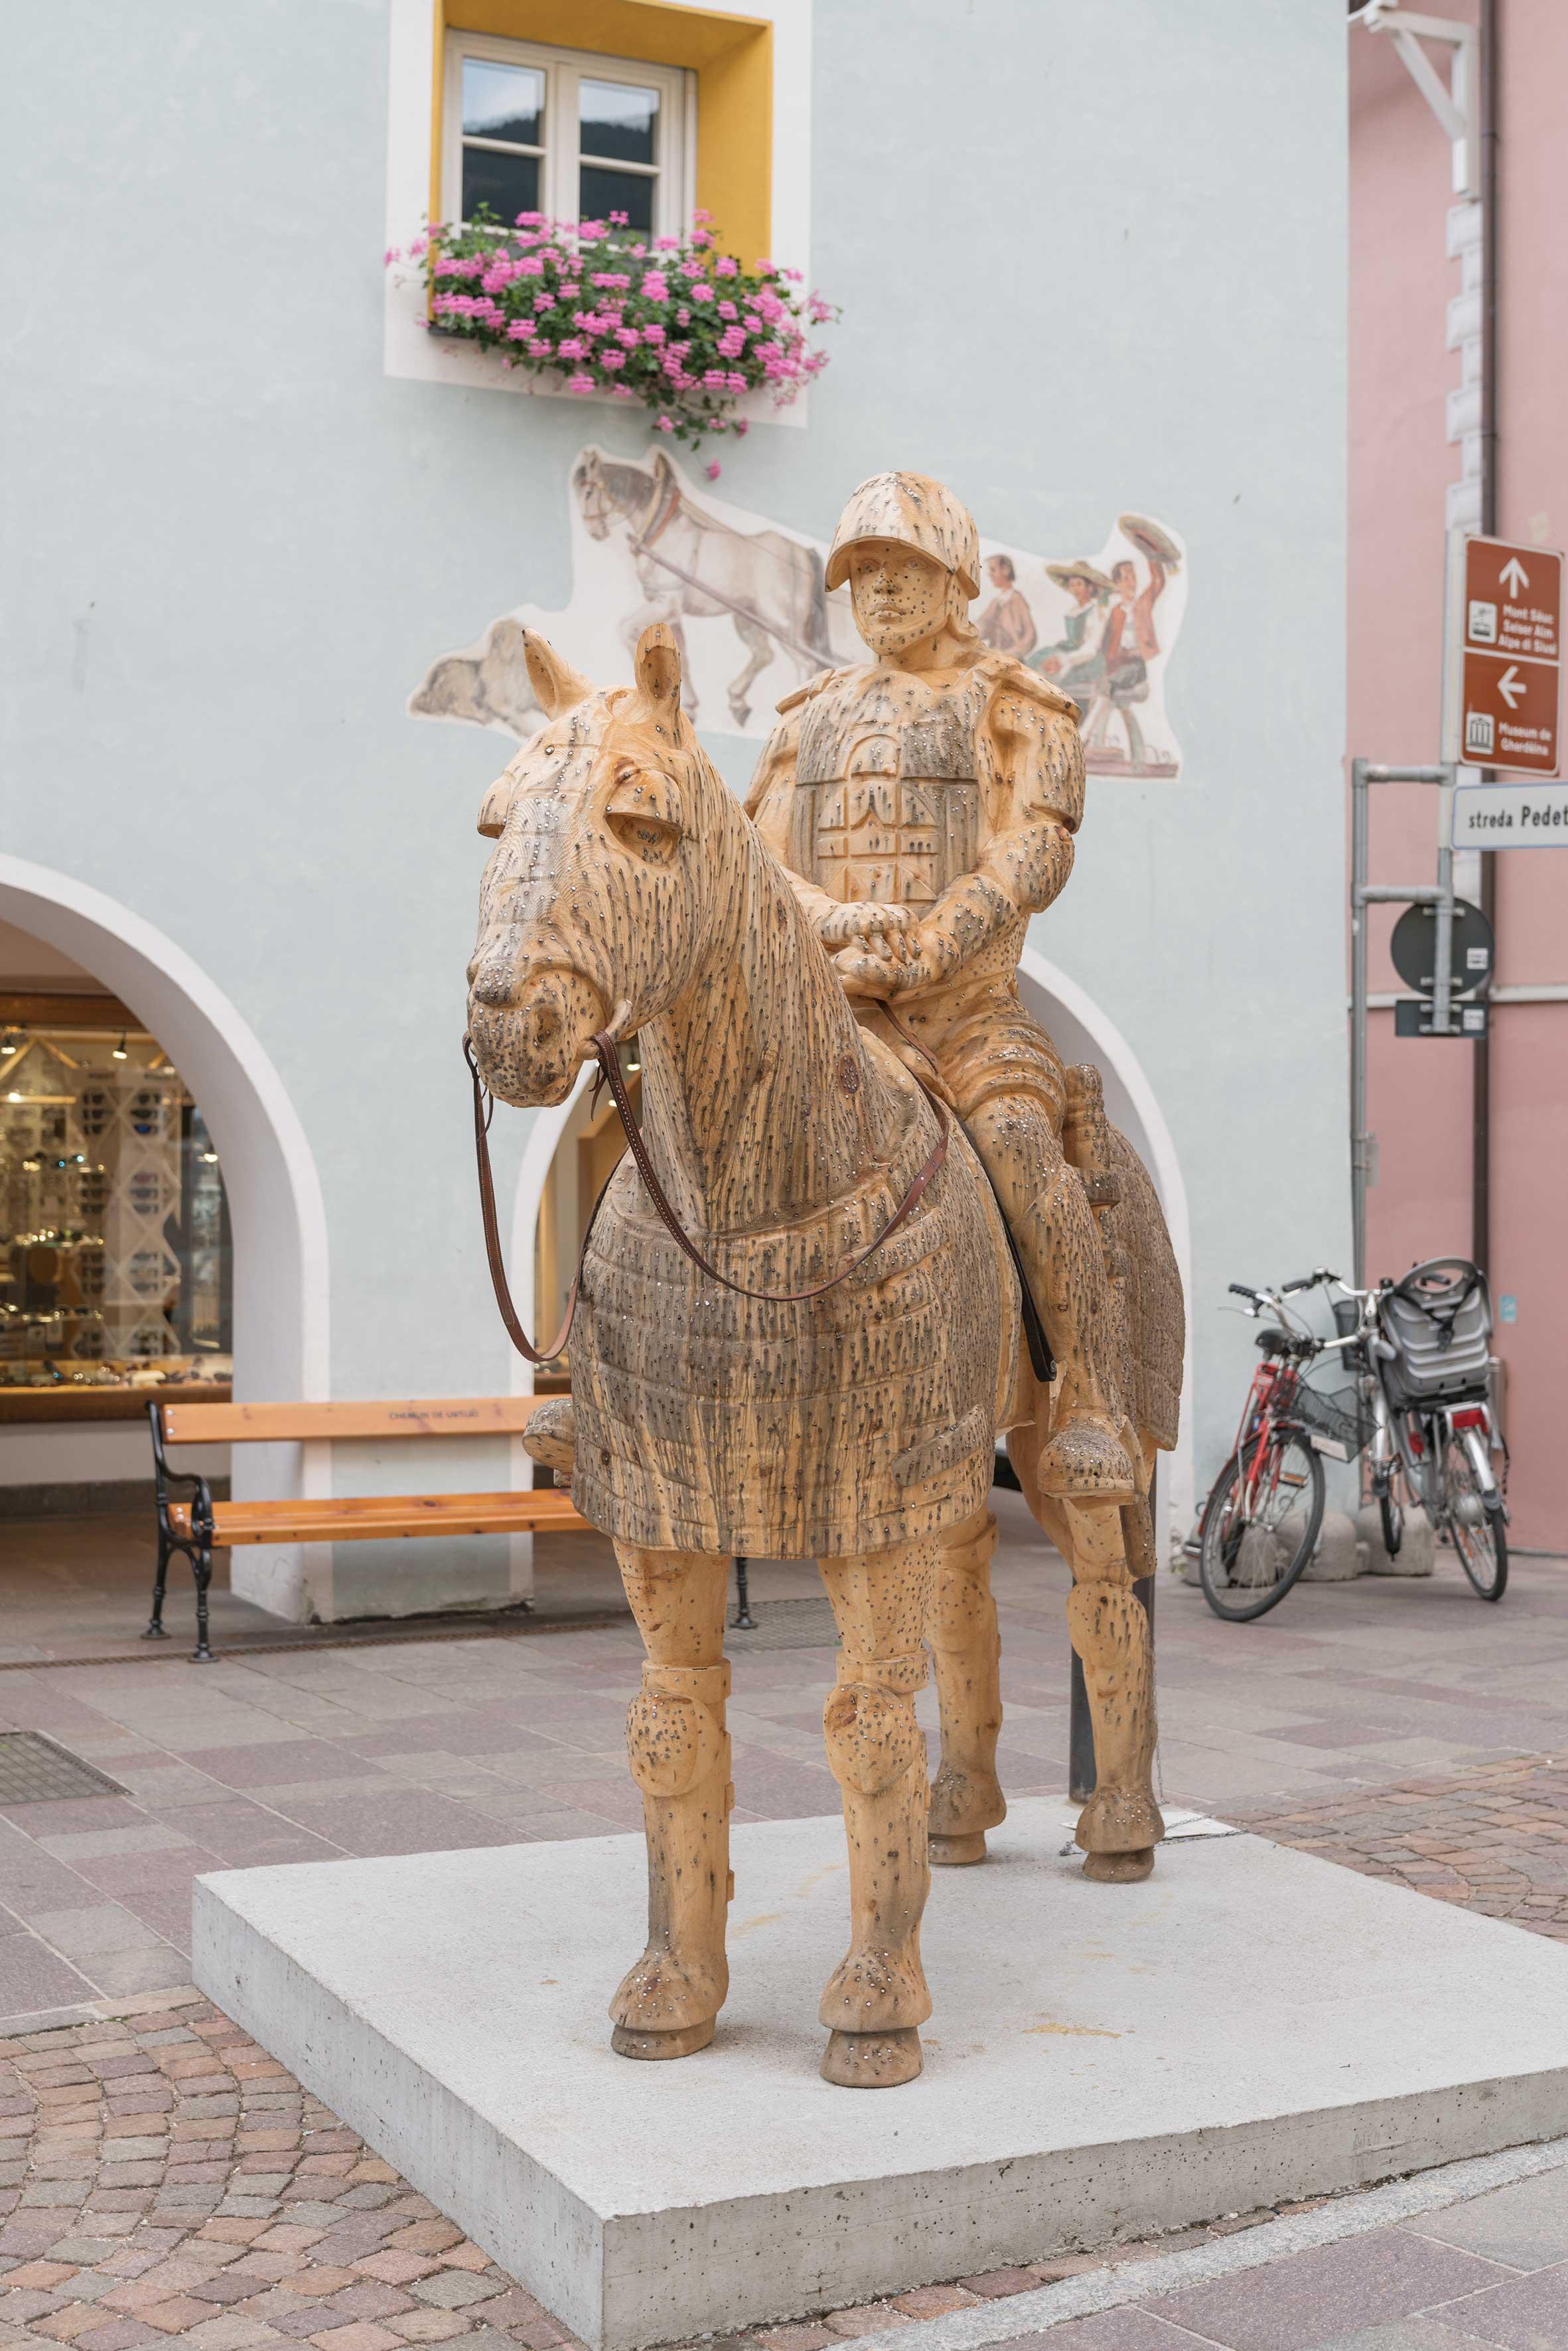 Biennale Gherdeina.jpg